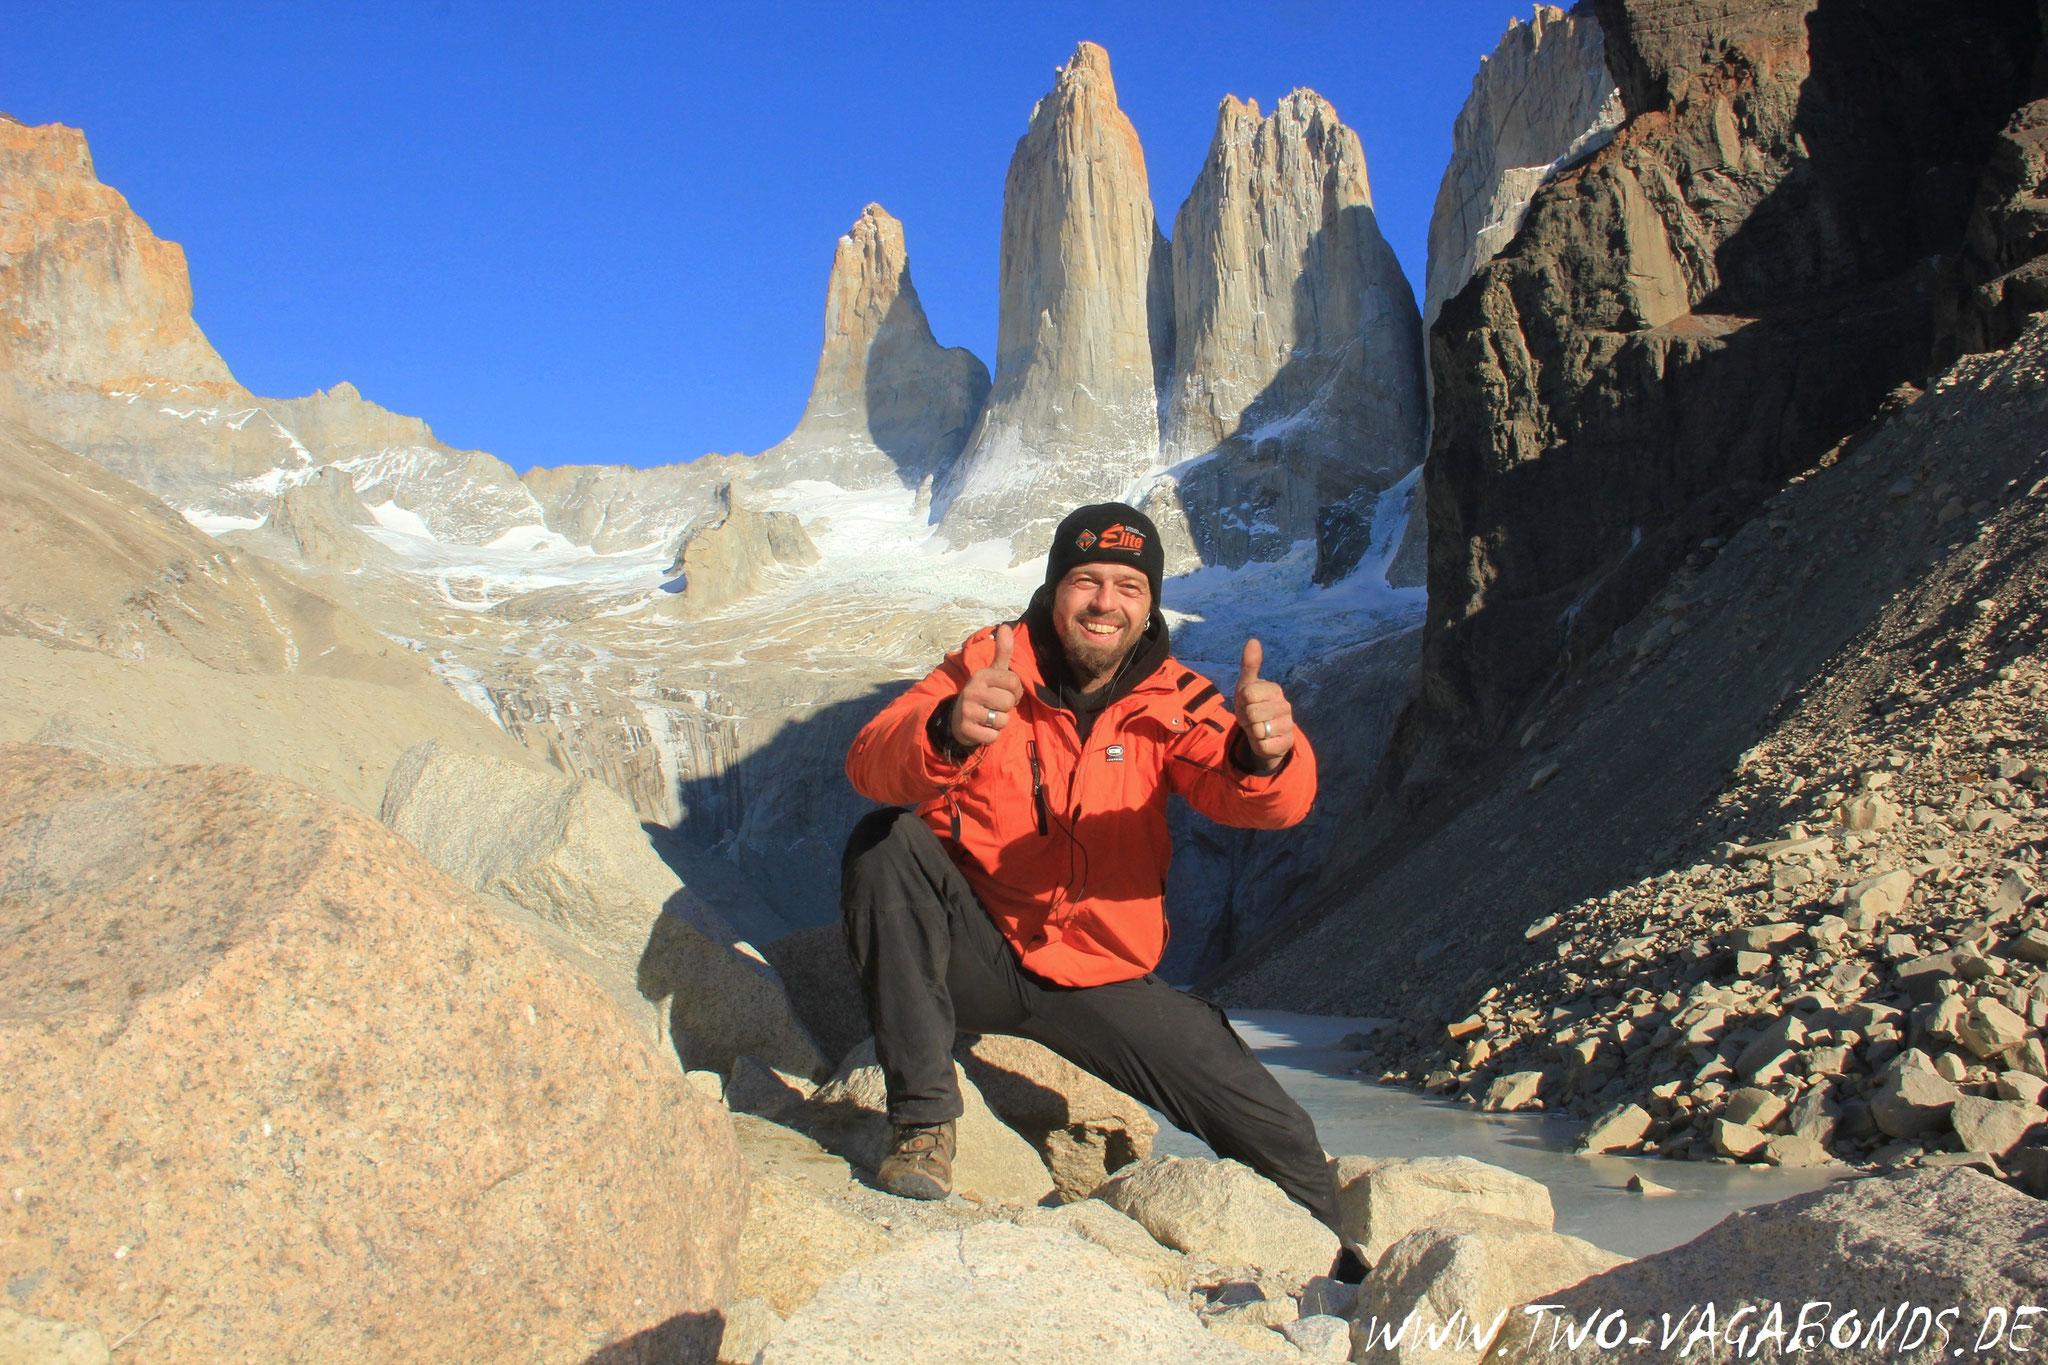 CHILE 2016 - 20 km WANDERUNG ZU DEN TORRES IM TORRES DEL PAINE NP